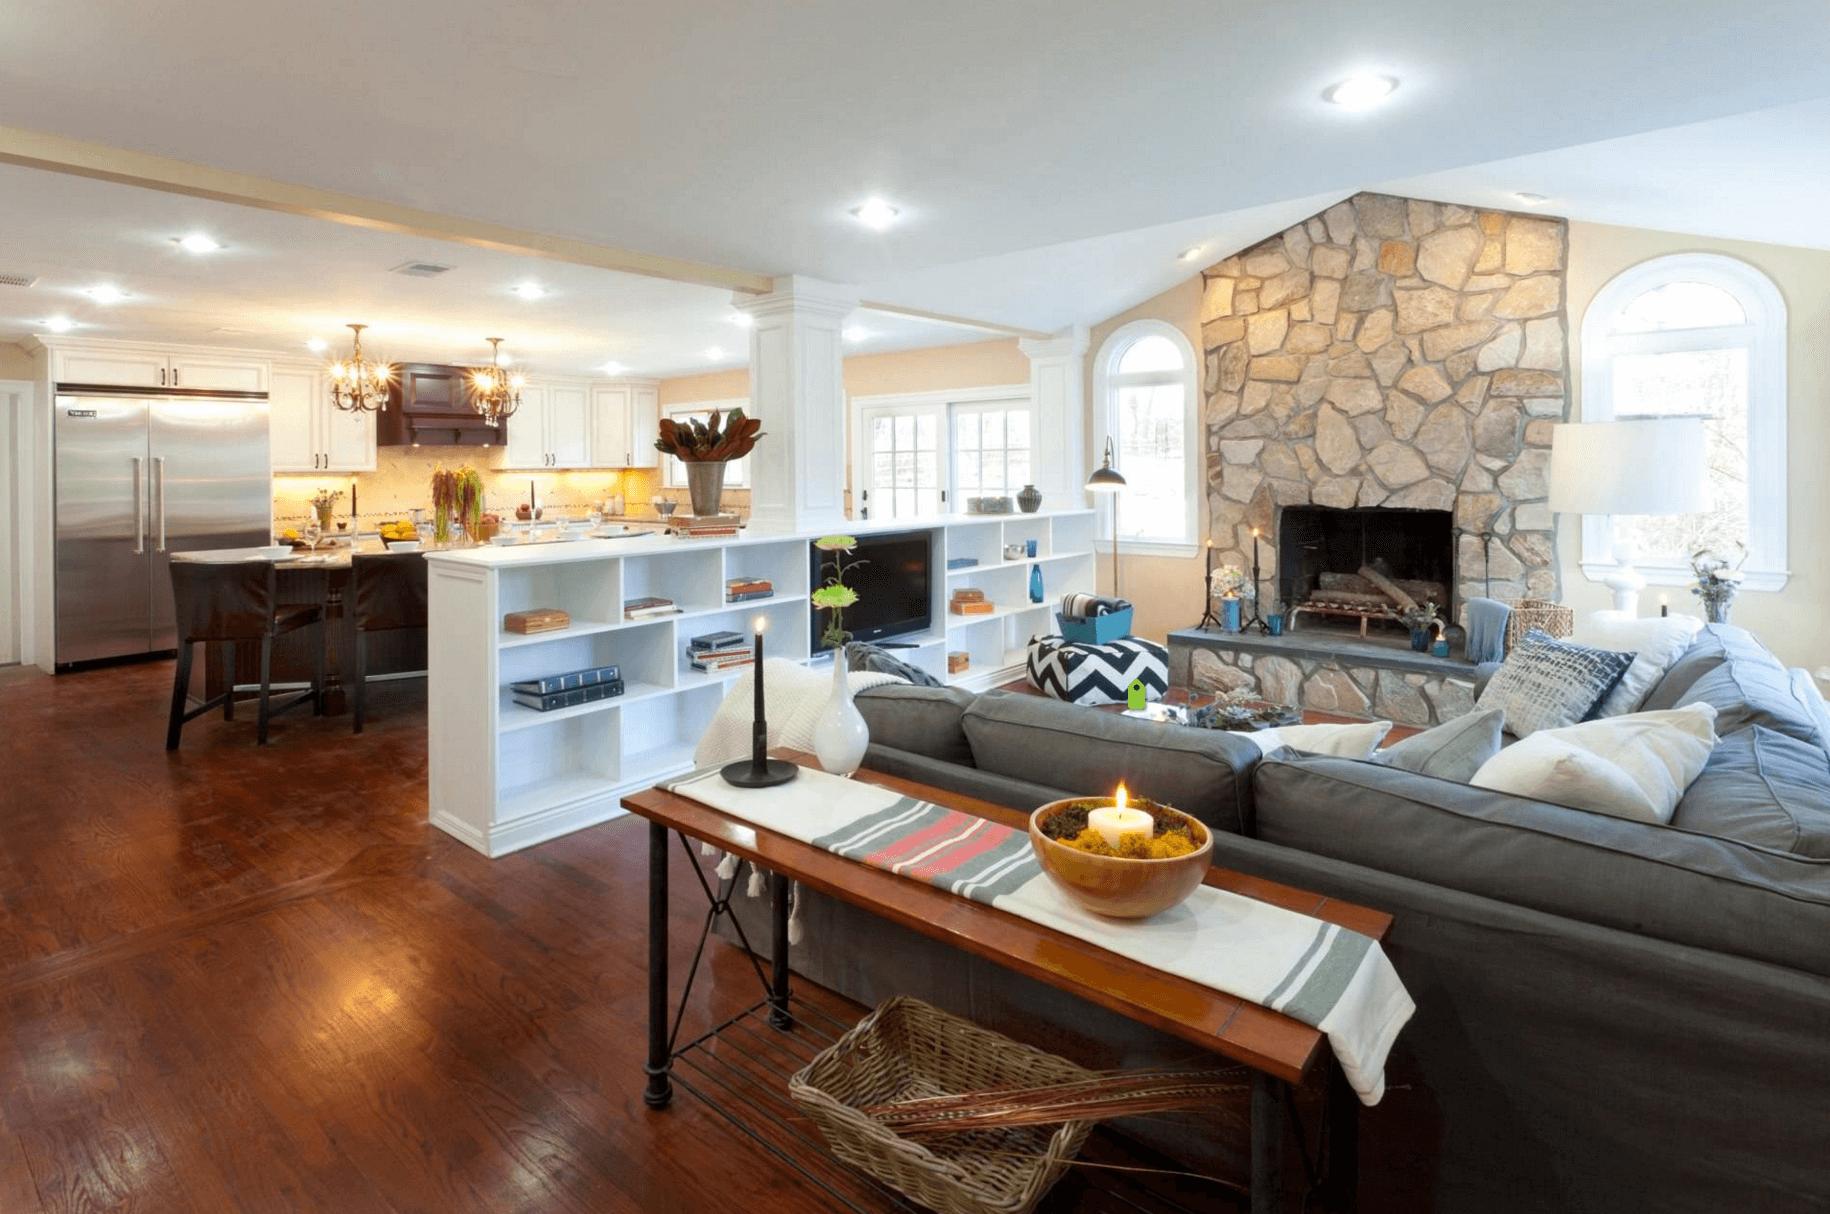 Перегородка между кухней и гостиной с колоннами